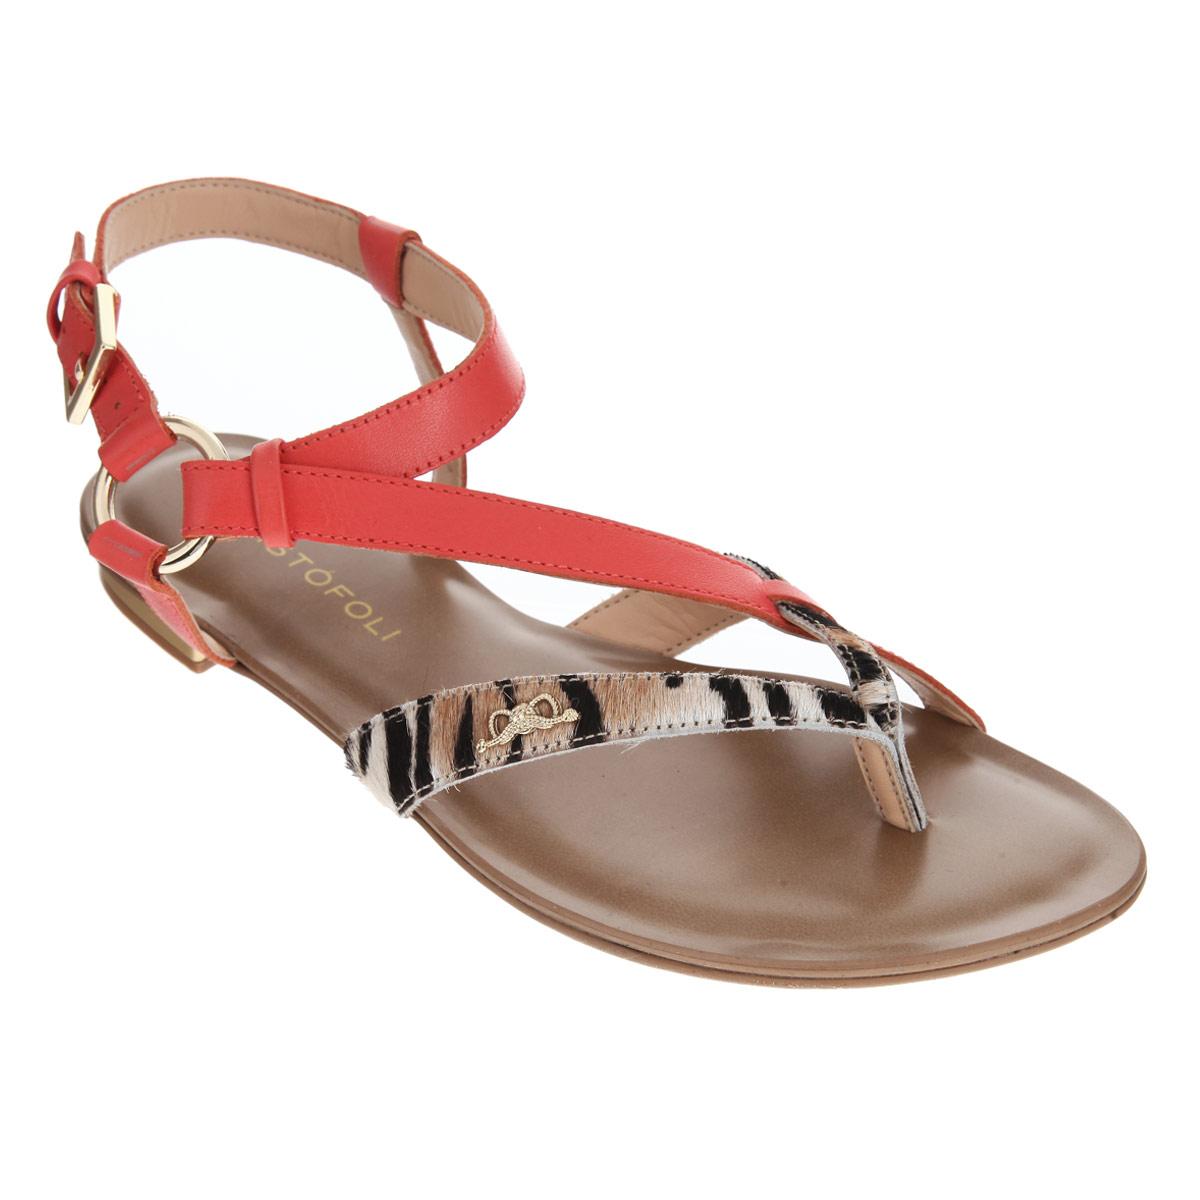 150410Оригинальные женские сандалии от Cristofoli заинтересуют вас своим дизайном. Изделие изготовлено из натуральной кожи. Фиксирующие ремешки, соединенные между собой металлическим кольцом, надежно закрепят модель на вашей ноге. Ремешок с металлической пряжкой, опоясывающий щиколотку, застегивается при помощи крючка. Передние ремешки выполнены из ворса и оформлены декоративным элементом в виде бантика, выполненного из металла. Стелька из натуральной кожи позволяет ногам дышать. Невысокий каблук и подошва дополнены противоскользящим рифлением. Стильные сандалии помогут вам создать яркий запоминающийся образ.